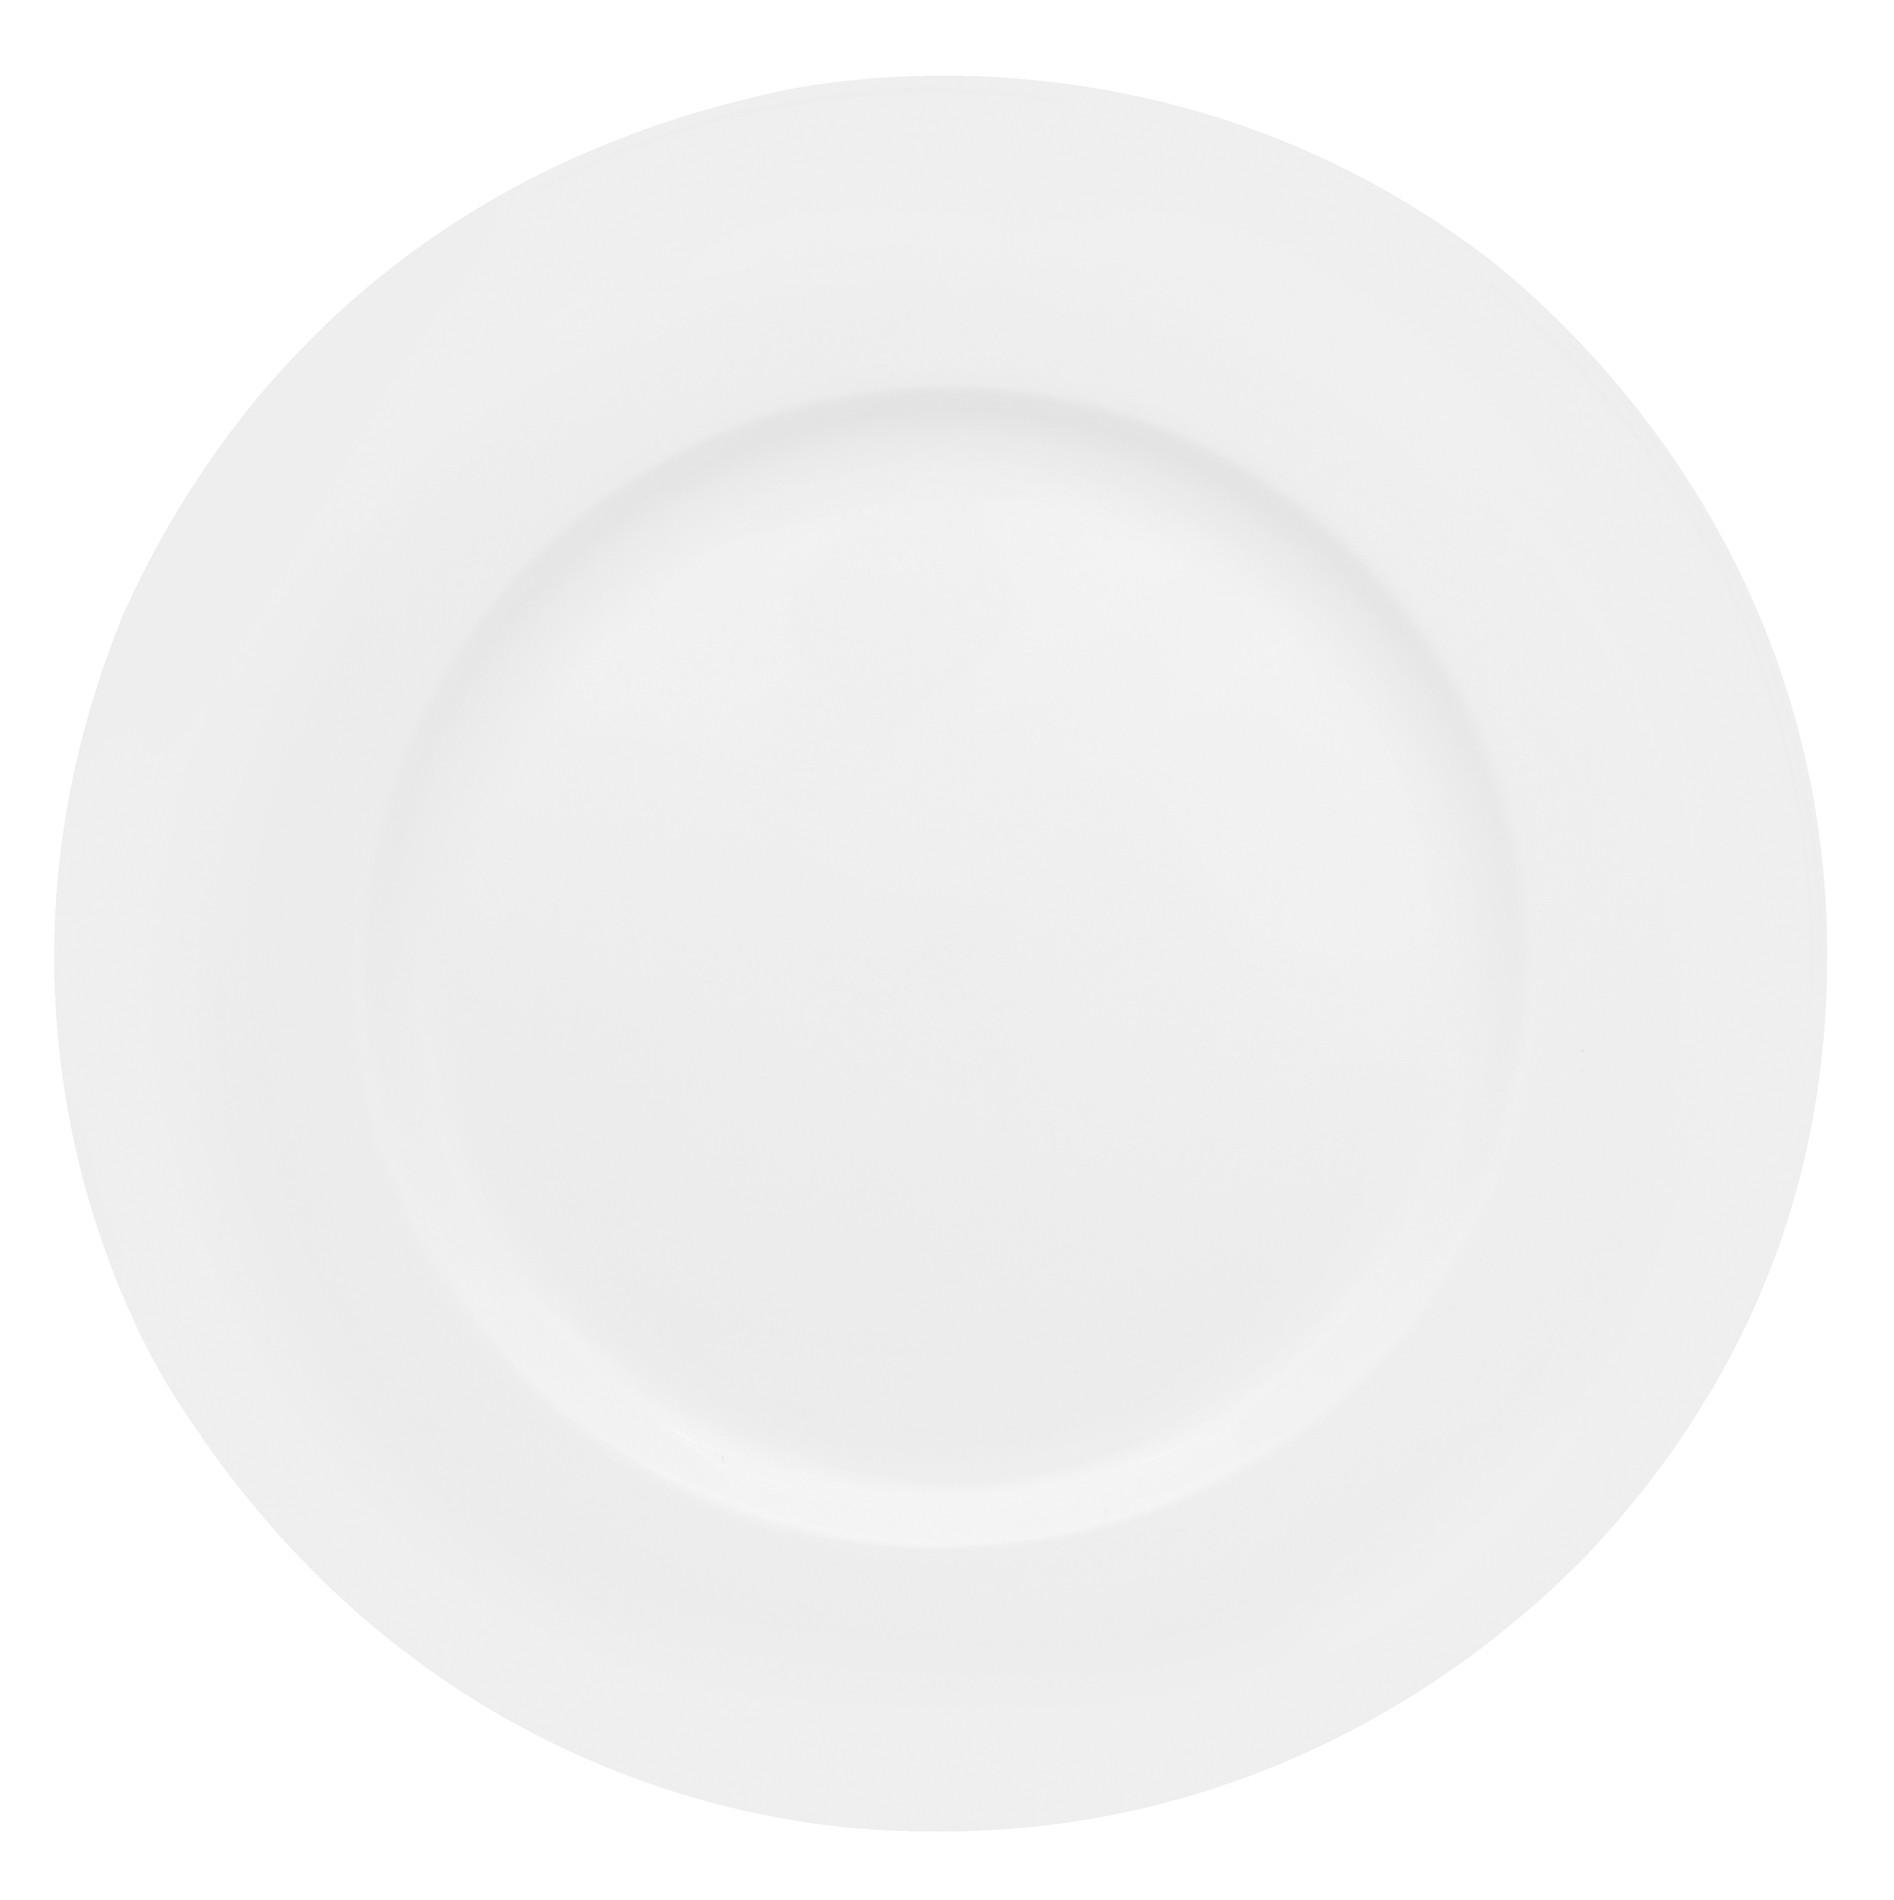 Πιάτο Ρηχό Σετ 6Τμχ Silk Bone China 28cm Ionia home   ειδη σερβιρισματος   πιάτα